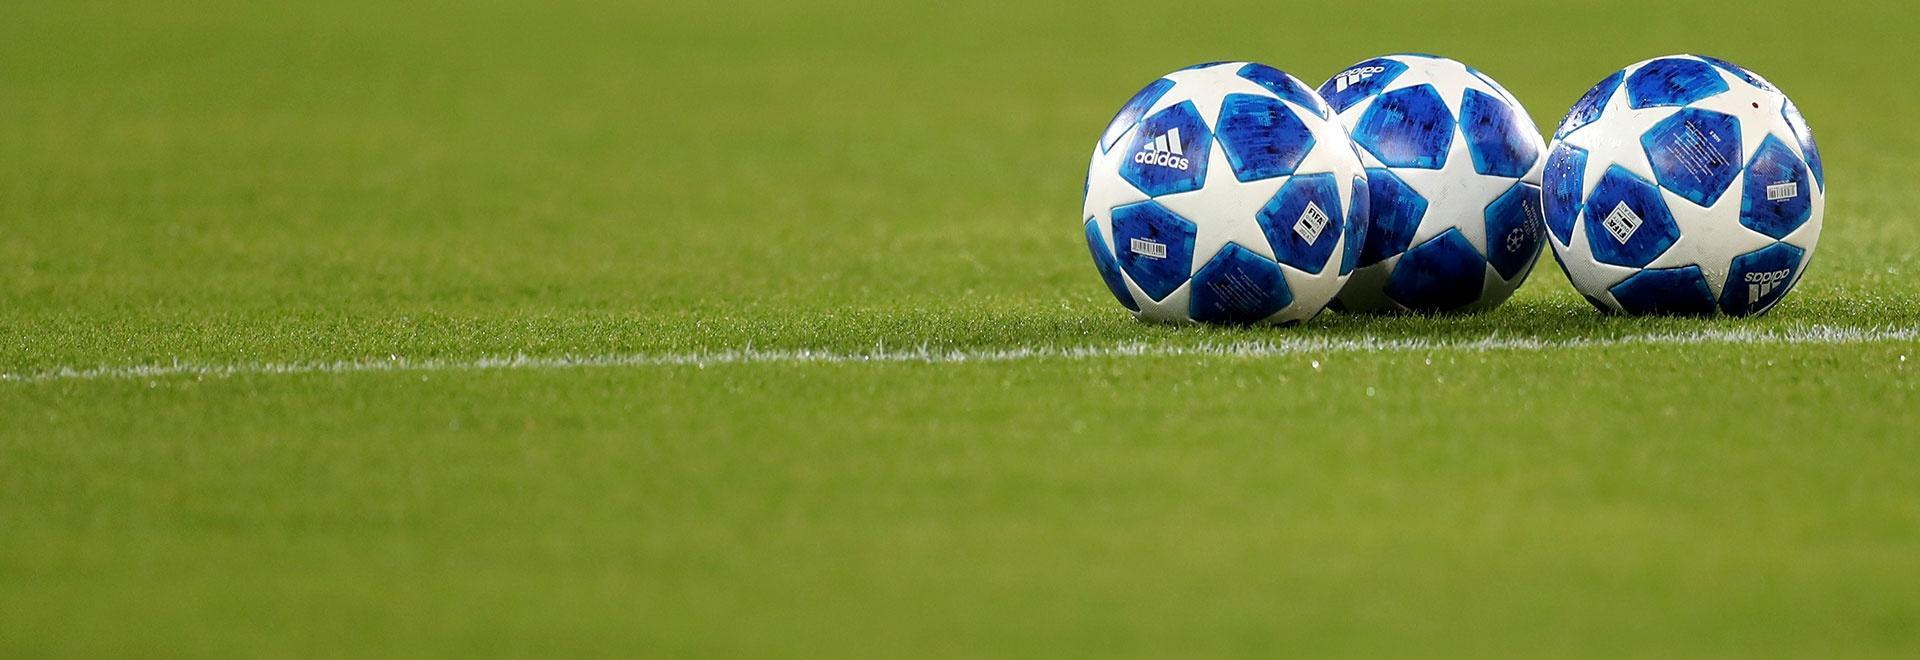 Real Madrid - Juventus 05/11/08